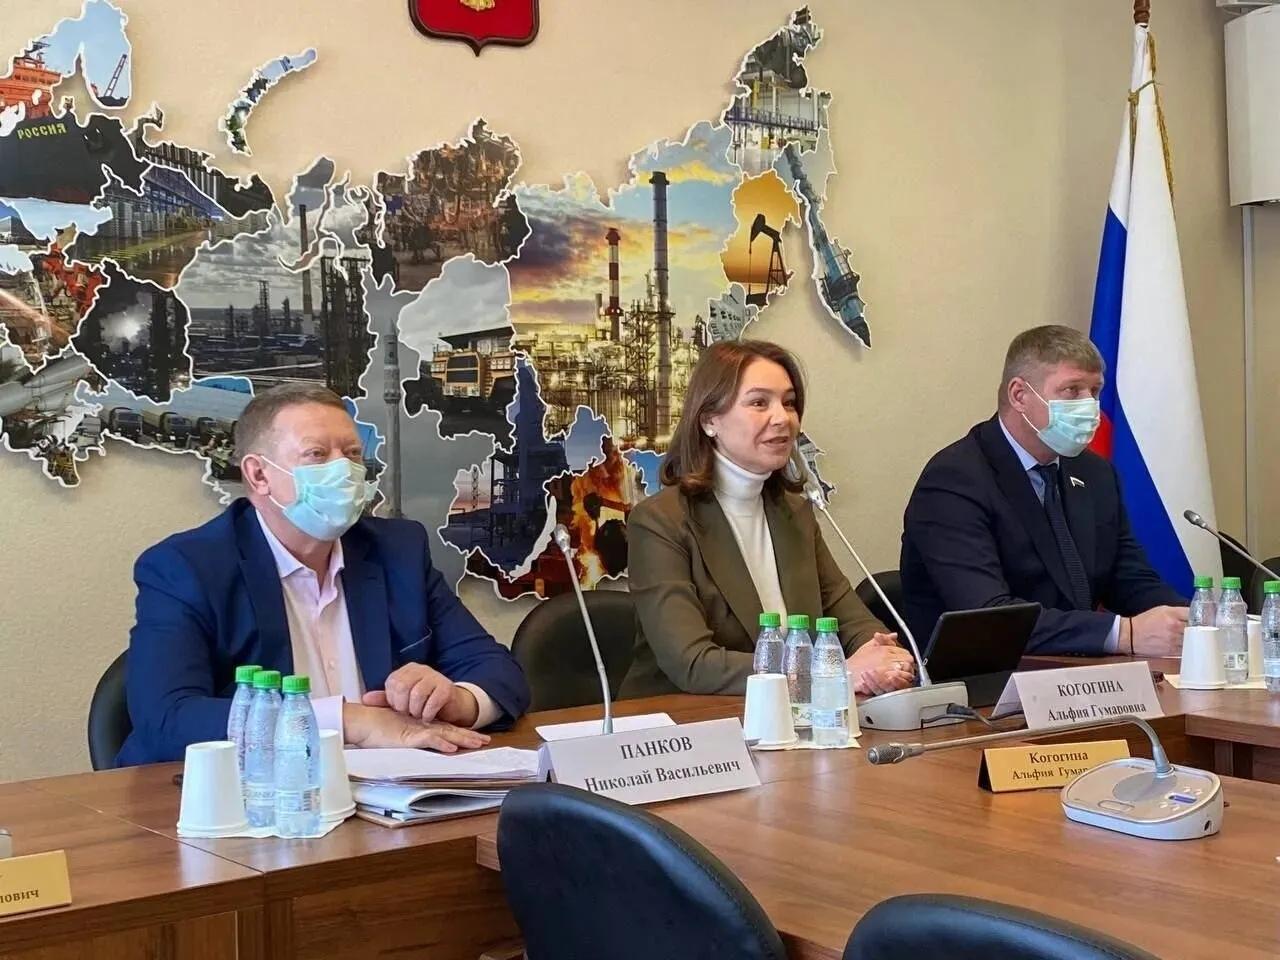 Представители Петровска приняли участие в заседании экспертного совета по устойчивому развитию моногородов